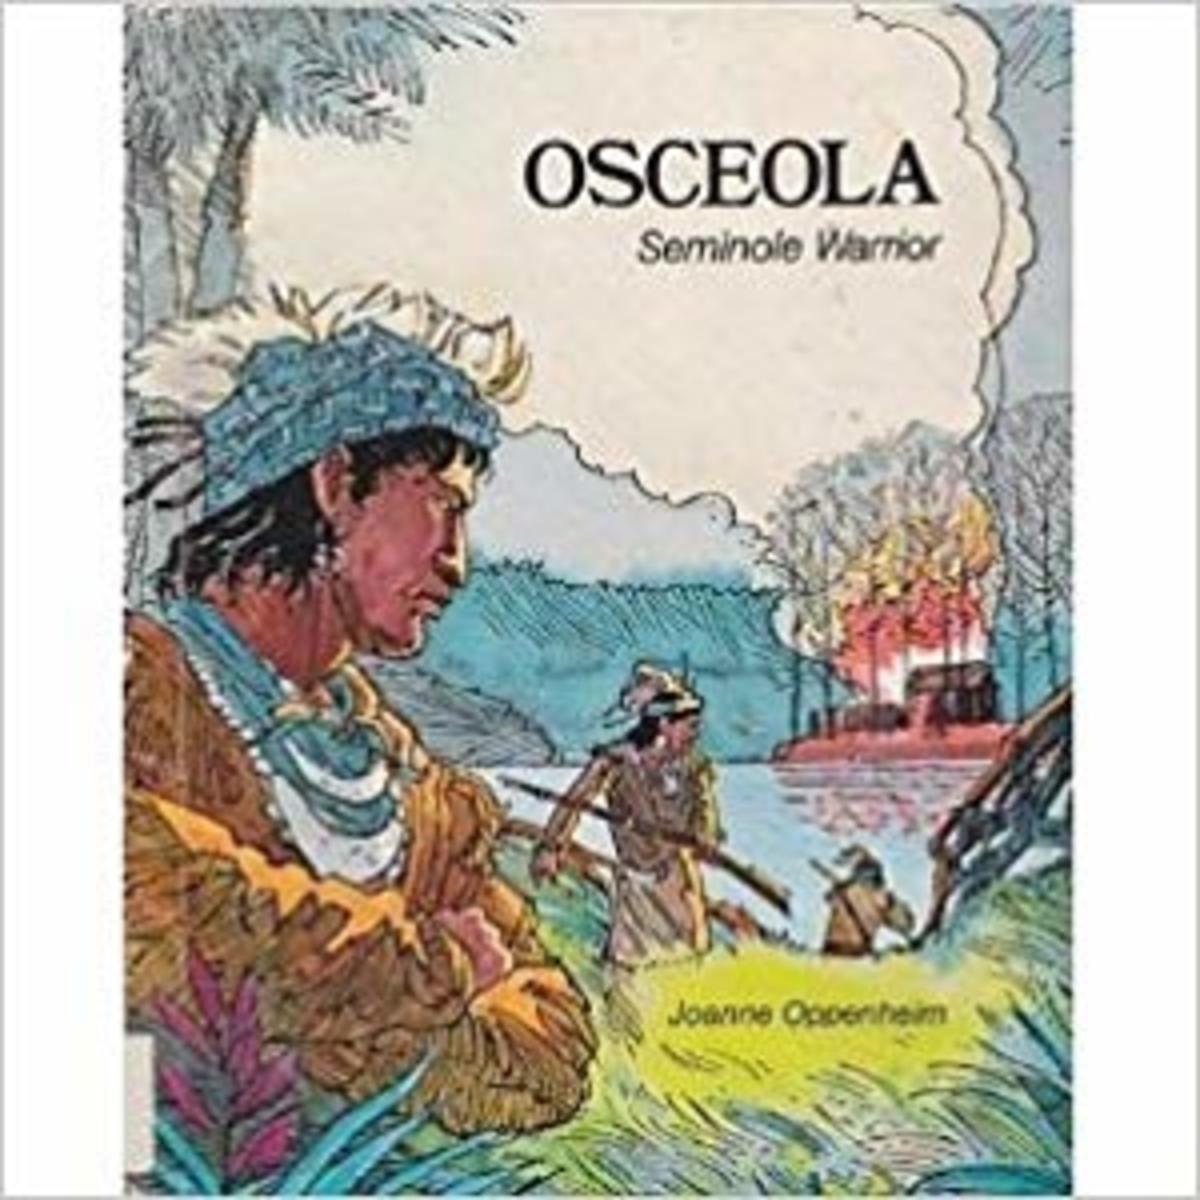 Osceola: Seminole Warrior by Joanne F. Oppenheim